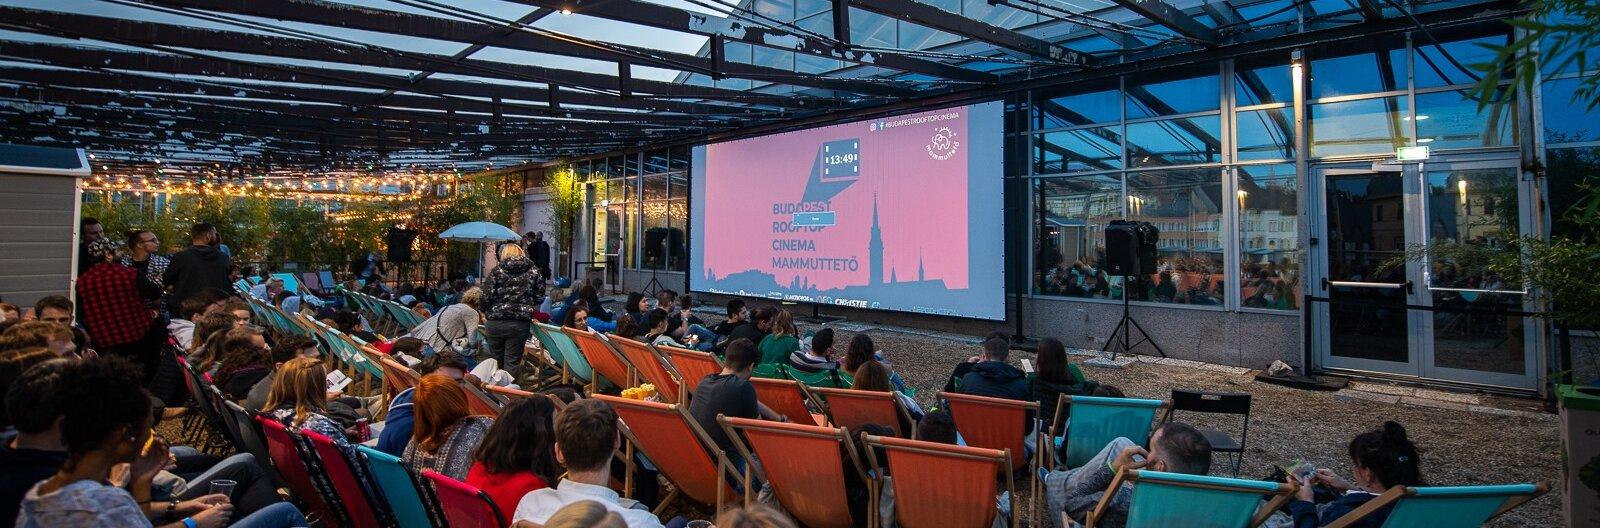 Rooftopoktól a kerthelyiségekig – szabadtéri mozik Budapesten